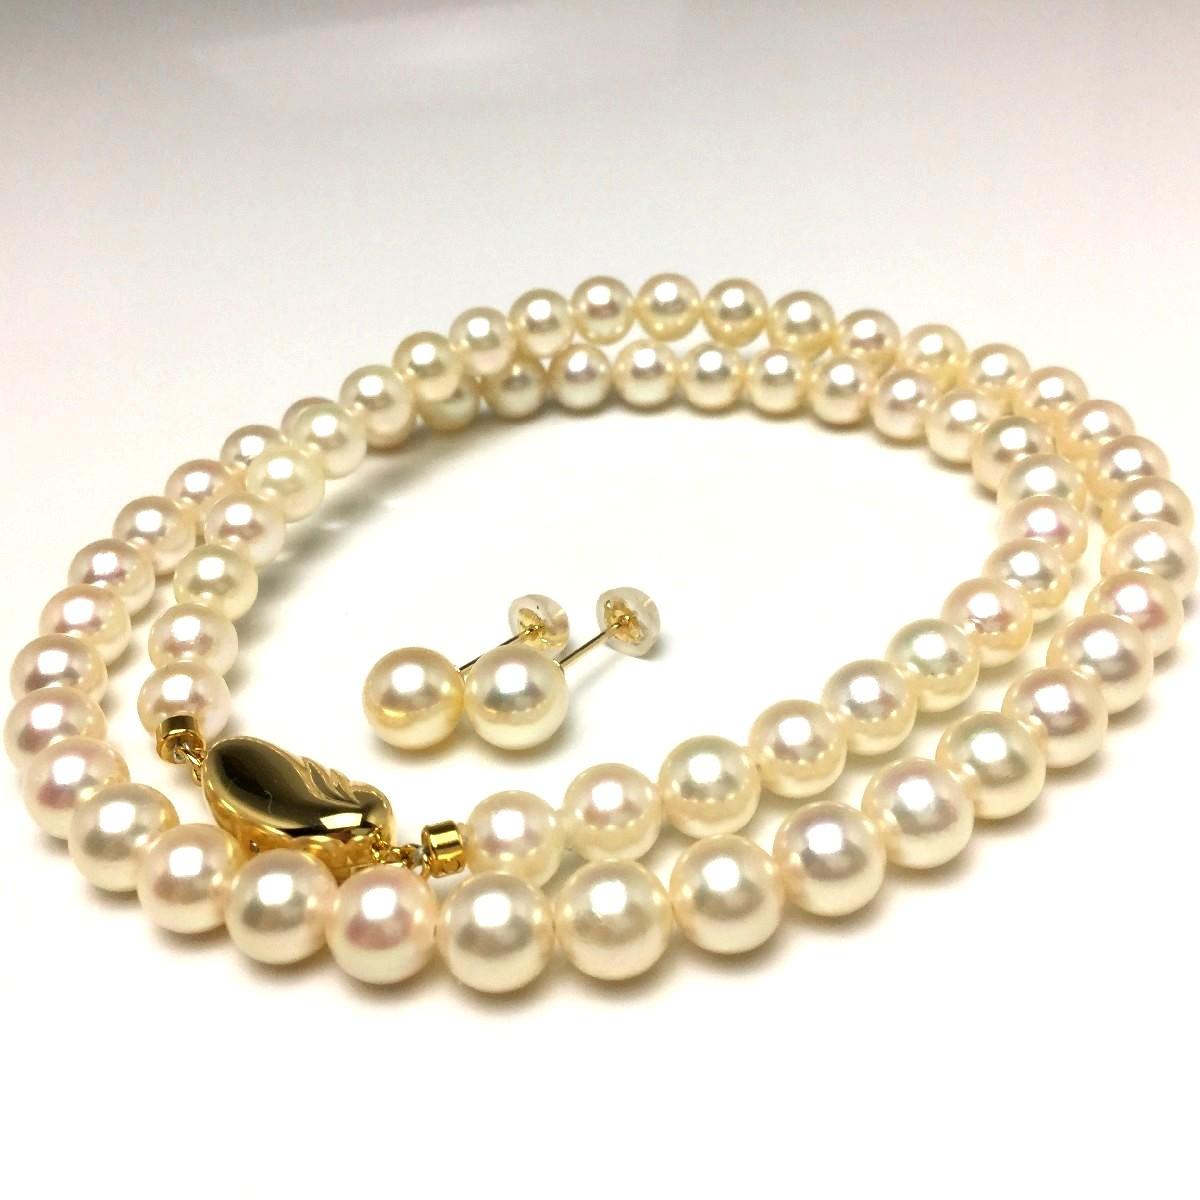 真珠 ネックレス パール アコヤ真珠 イヤリング or ピアス セット 6.0-6.5mm ライトゴールド シルバー クラスップ 66661 イソワパール